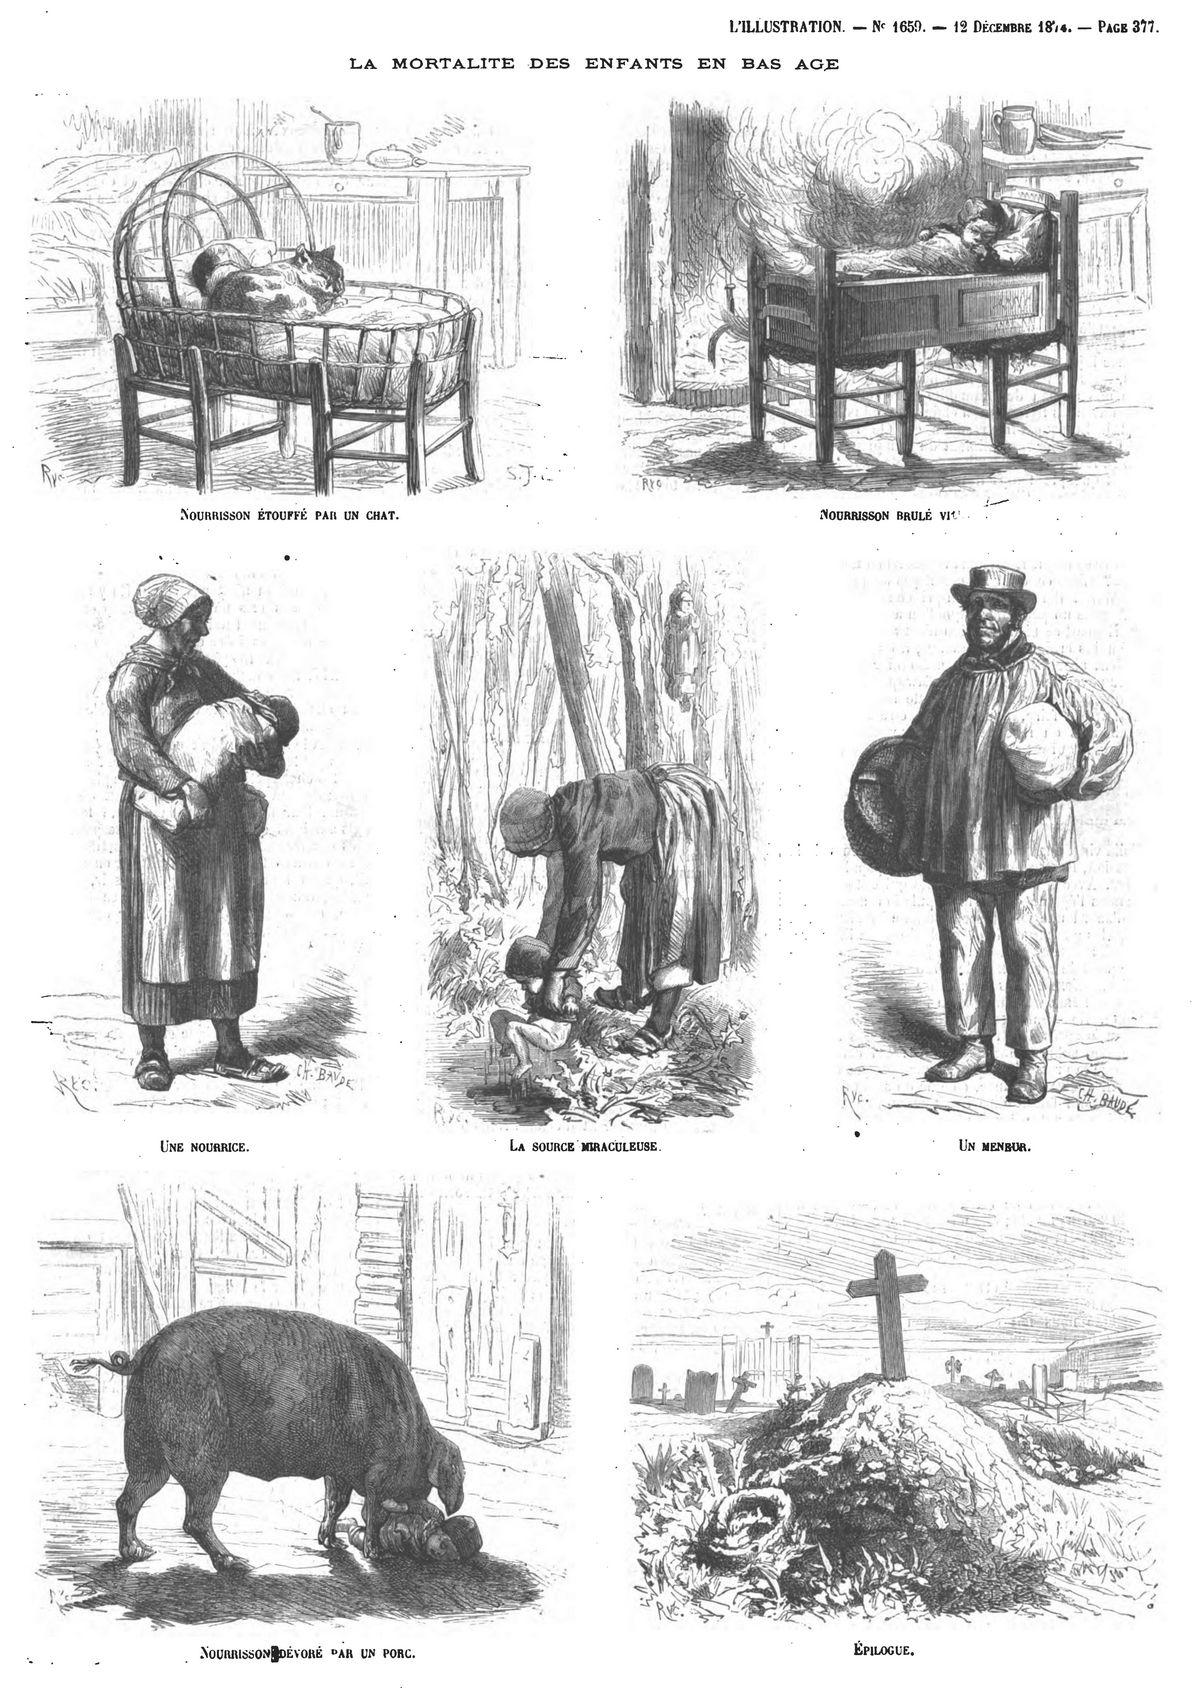 La mortalité des enfants en bas âge : Nourrisson étouffé par un chat ; JNourrisson brûlé vif; Une nourrice; La source miraculeuse ; Un meneur; Nourrisson dévoré par un porc;